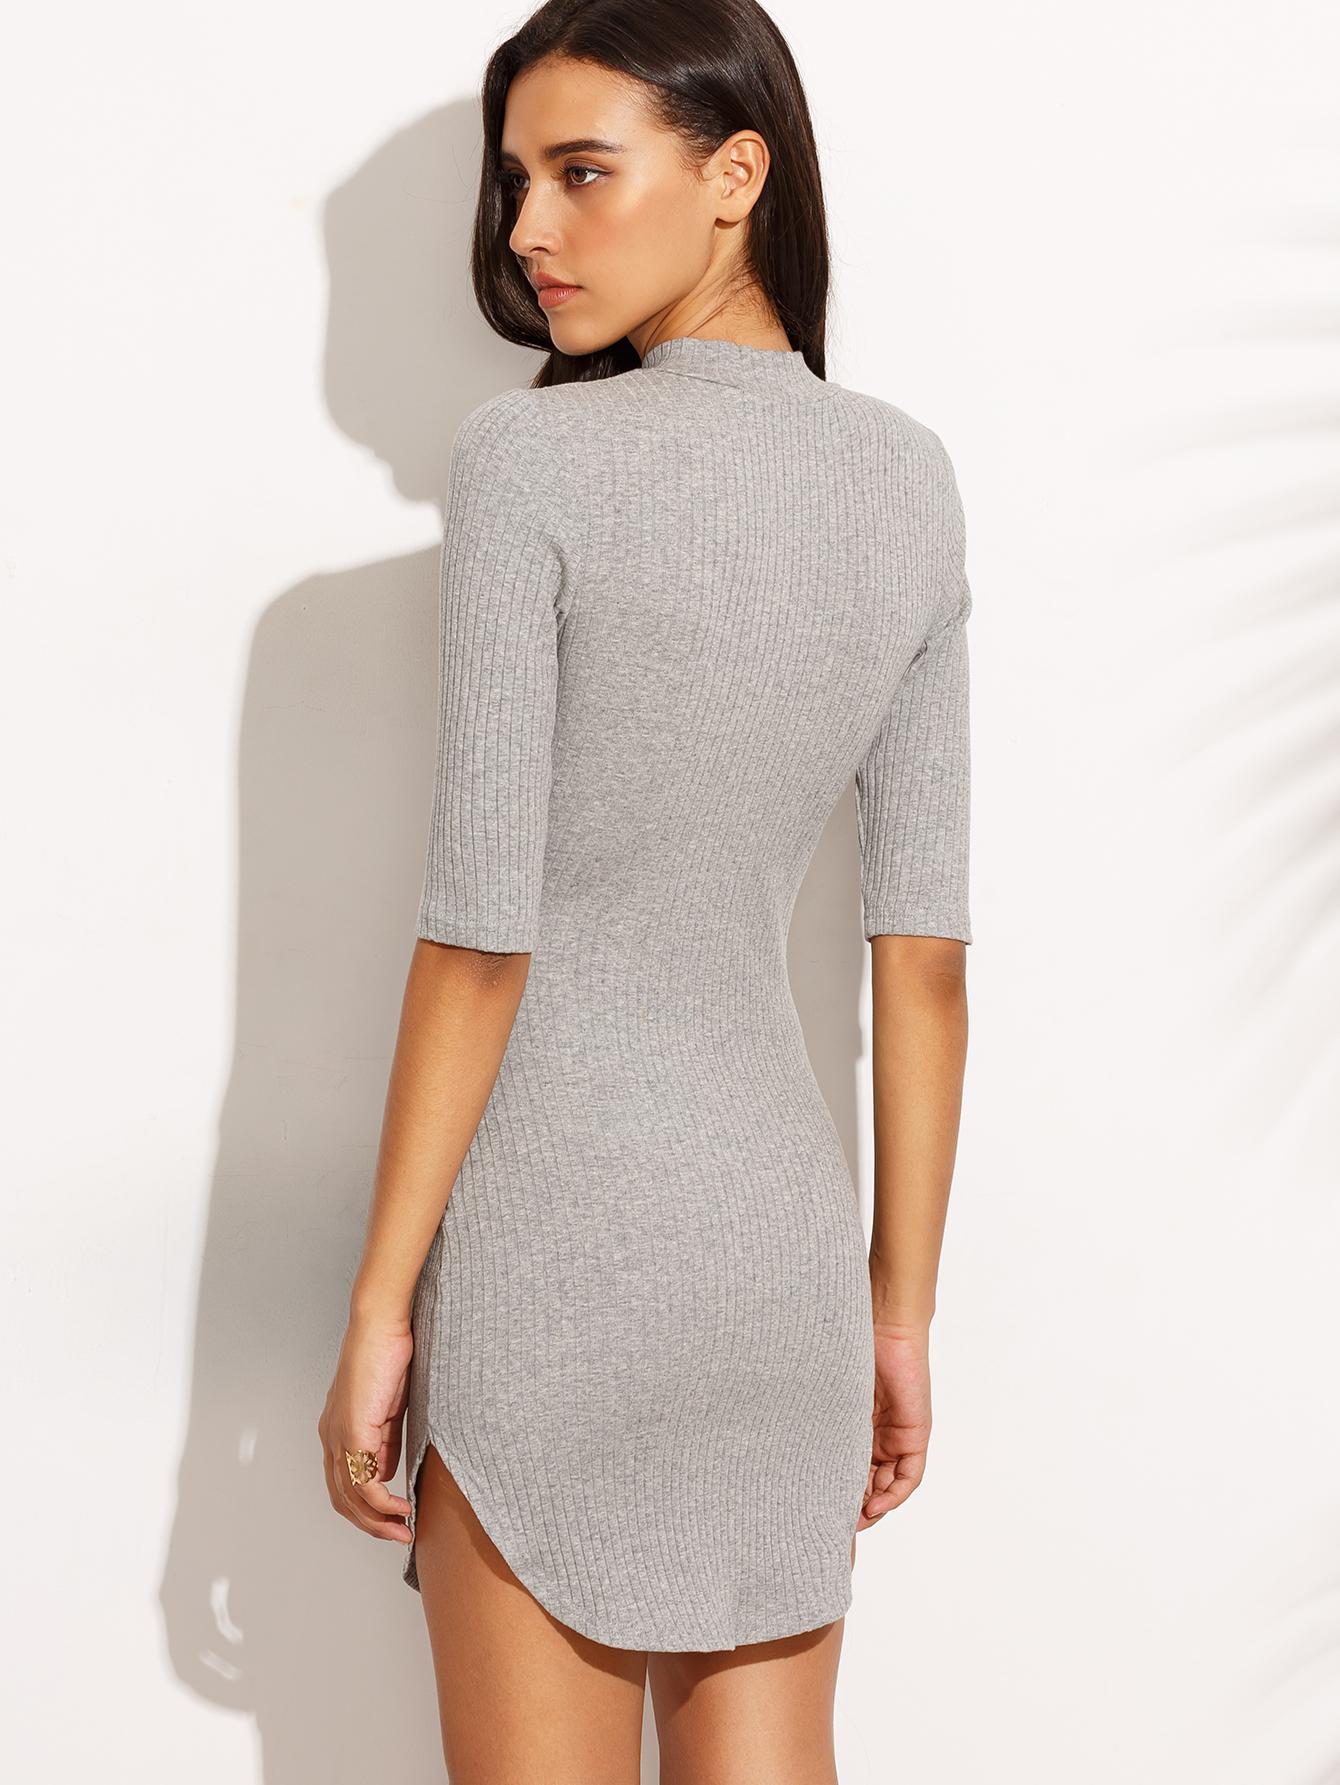 Трикотажное платье купить дешево